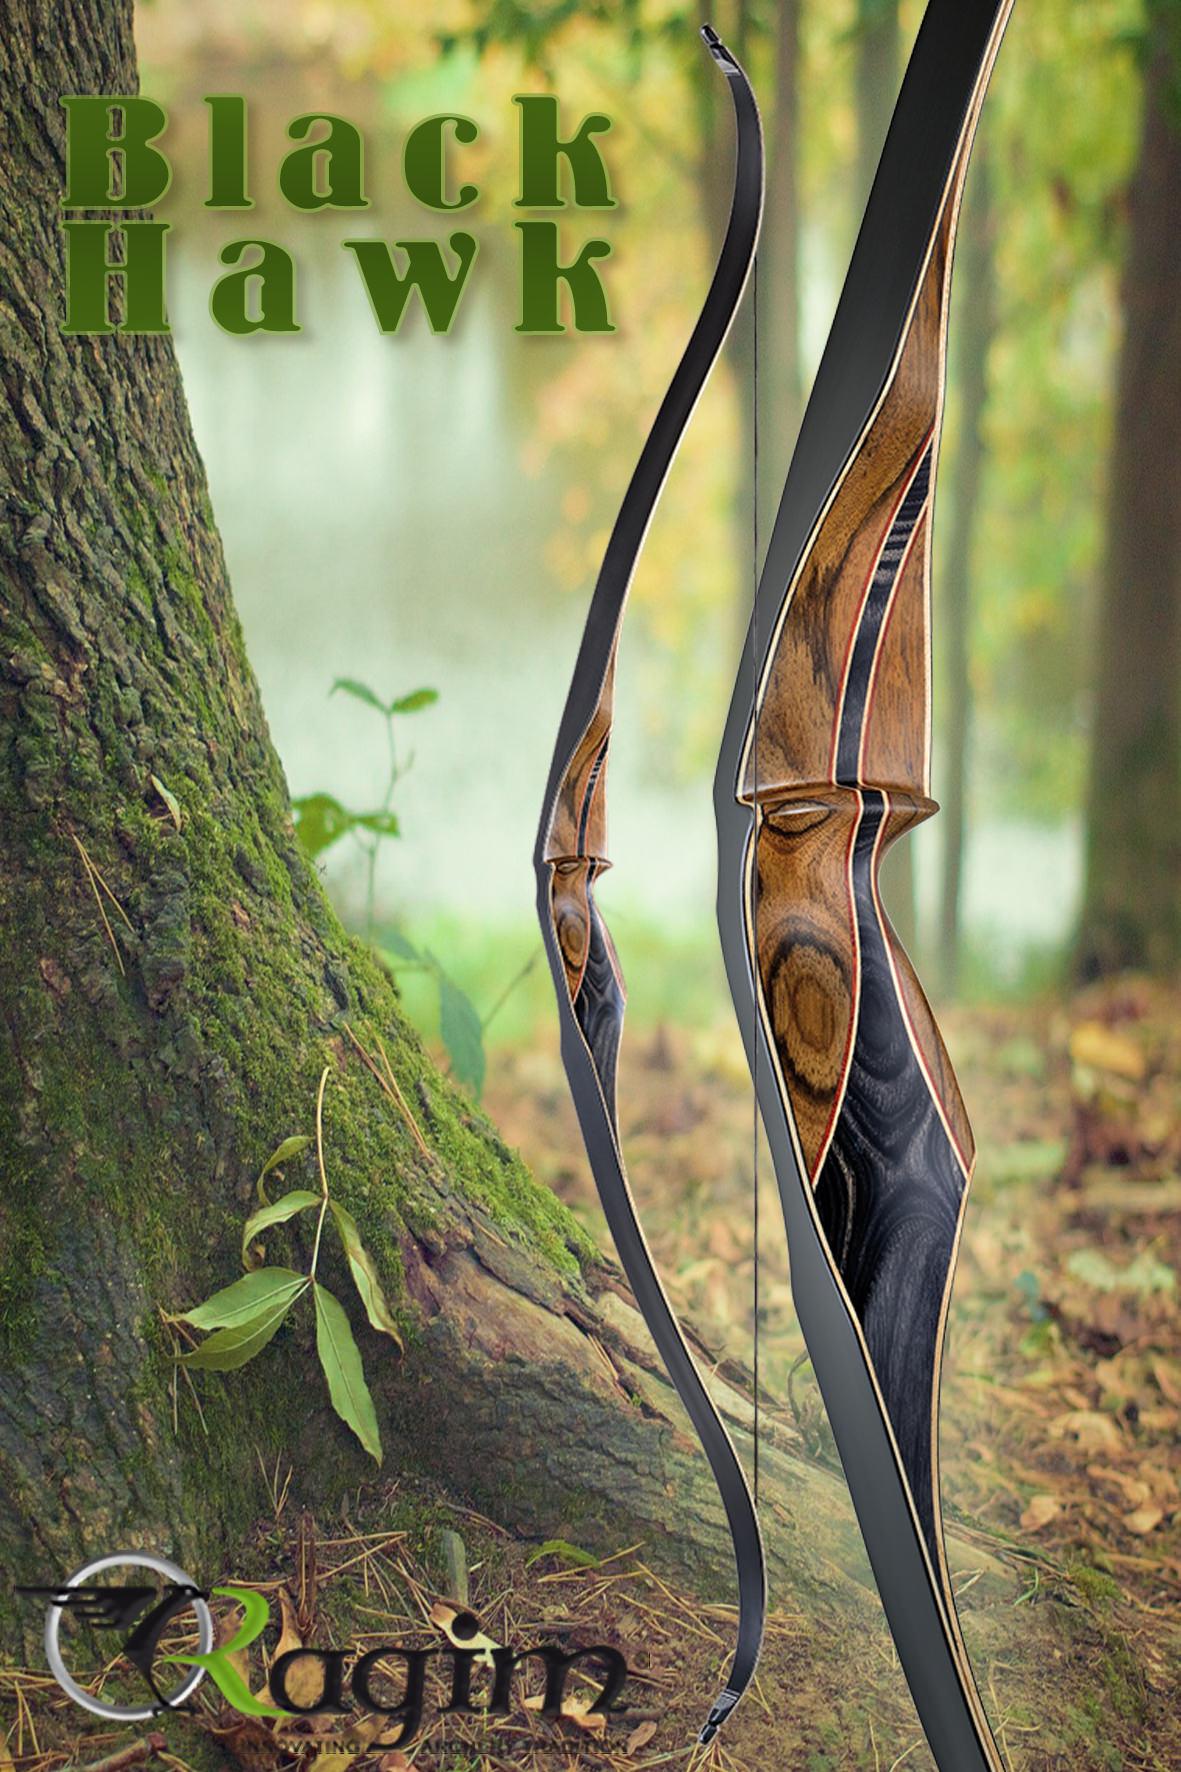 Black Hawk 2016